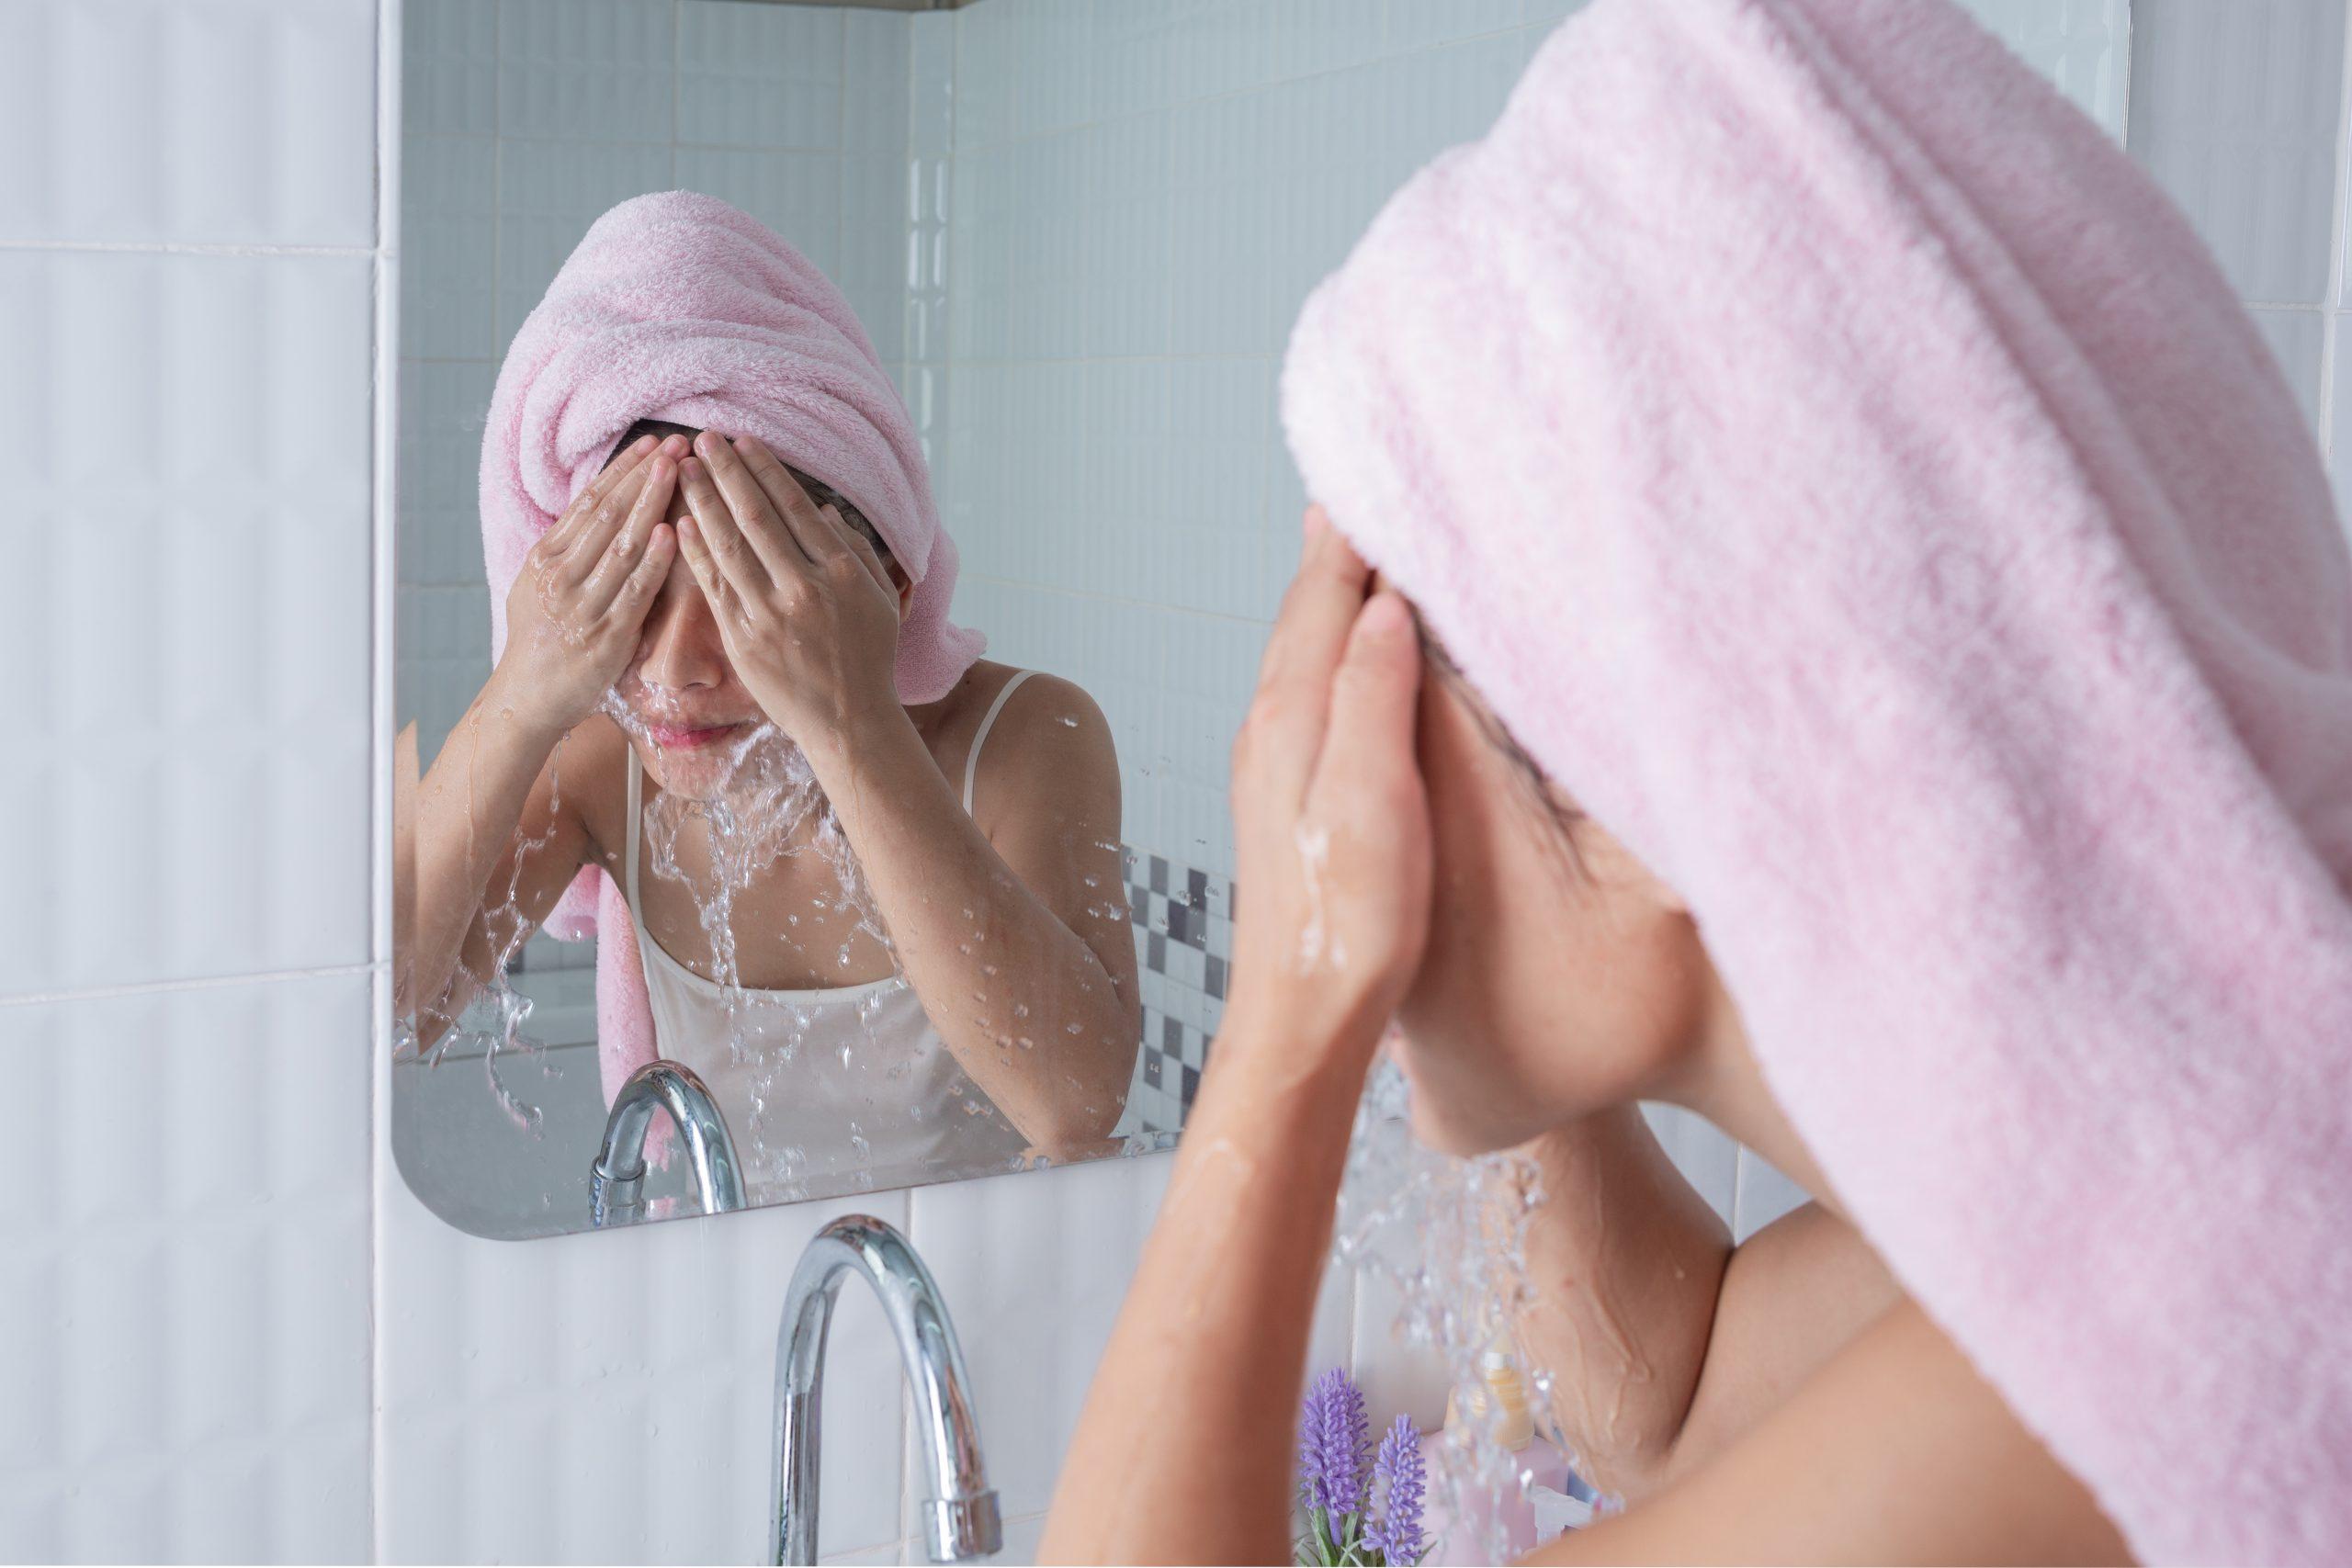 Kesalahan mencuci muka yang sering dilakukan